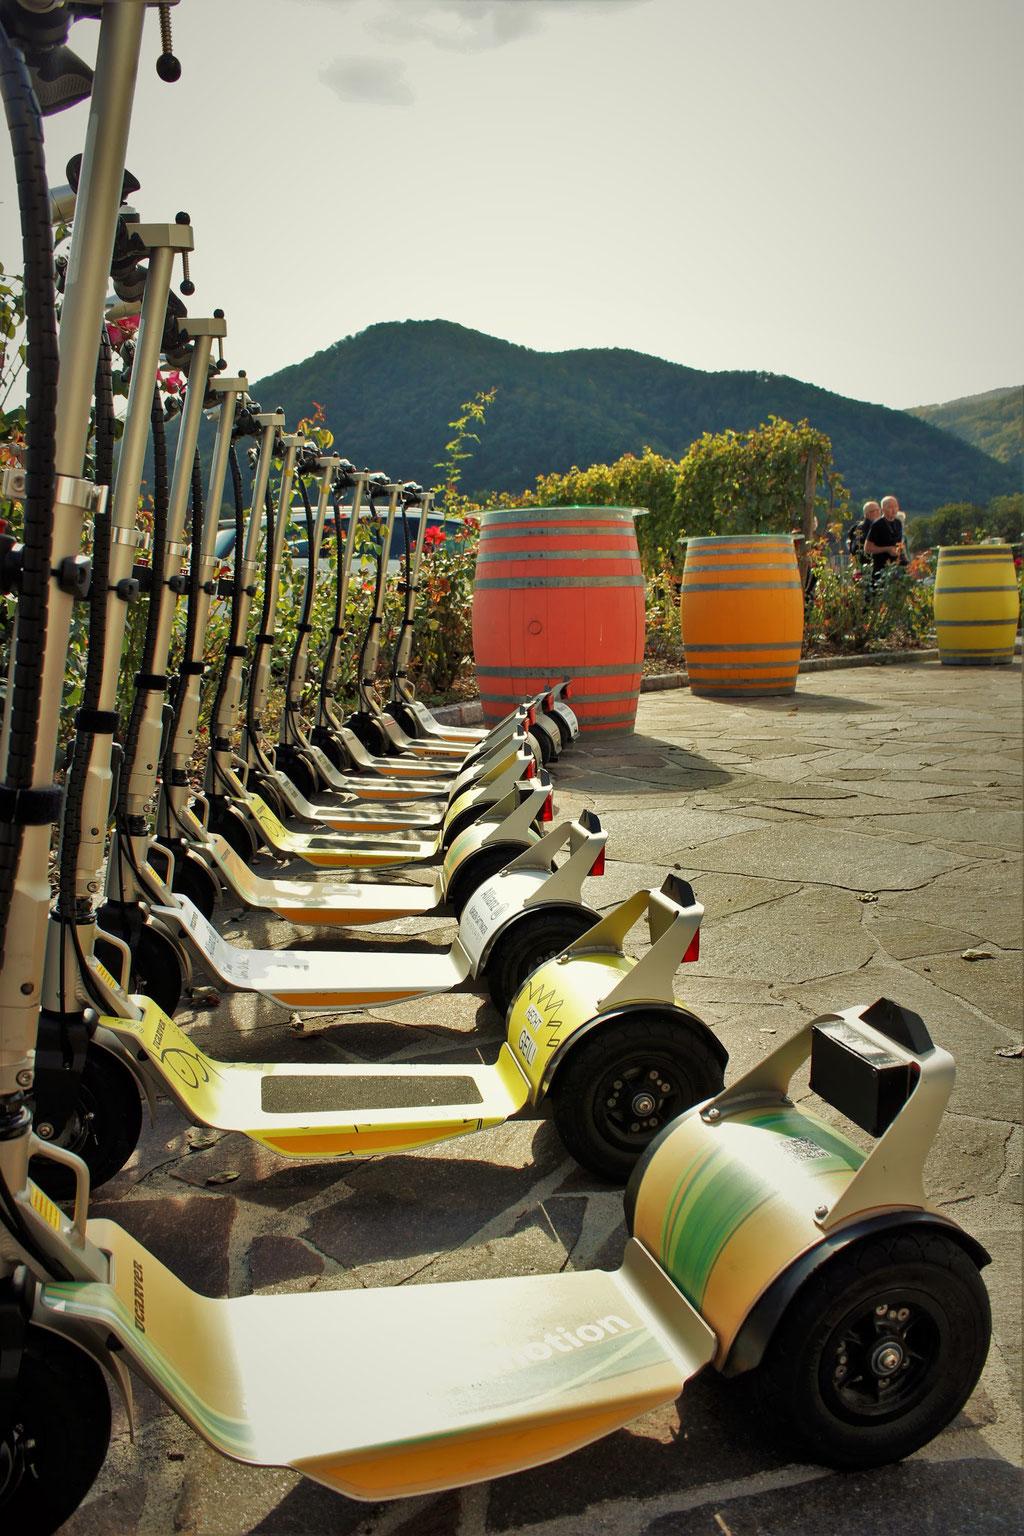 Ausflugsziel in die Wachau, Sightseeing, Verkostung Domäne Wachau Besuch Wandern Radfahren Freizeit Erlebnis Fahrrad Alternative Verleih